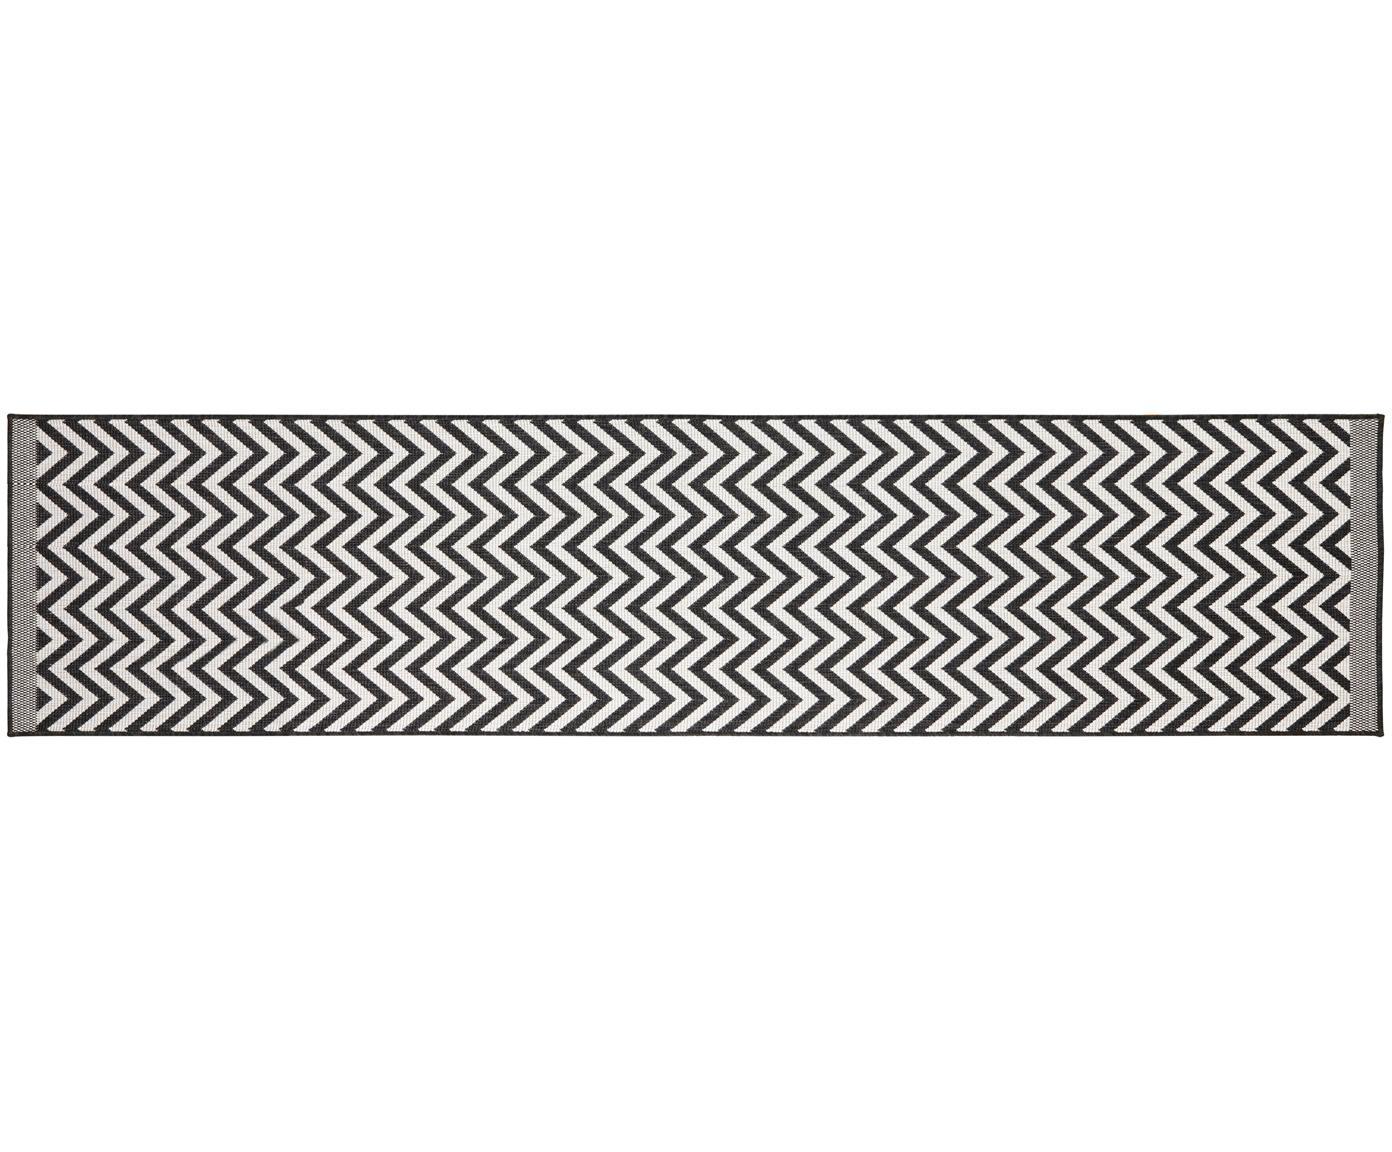 Alfombra reversible de interior/exterior Palma, Negro, crema, An 80 x L 350 cm